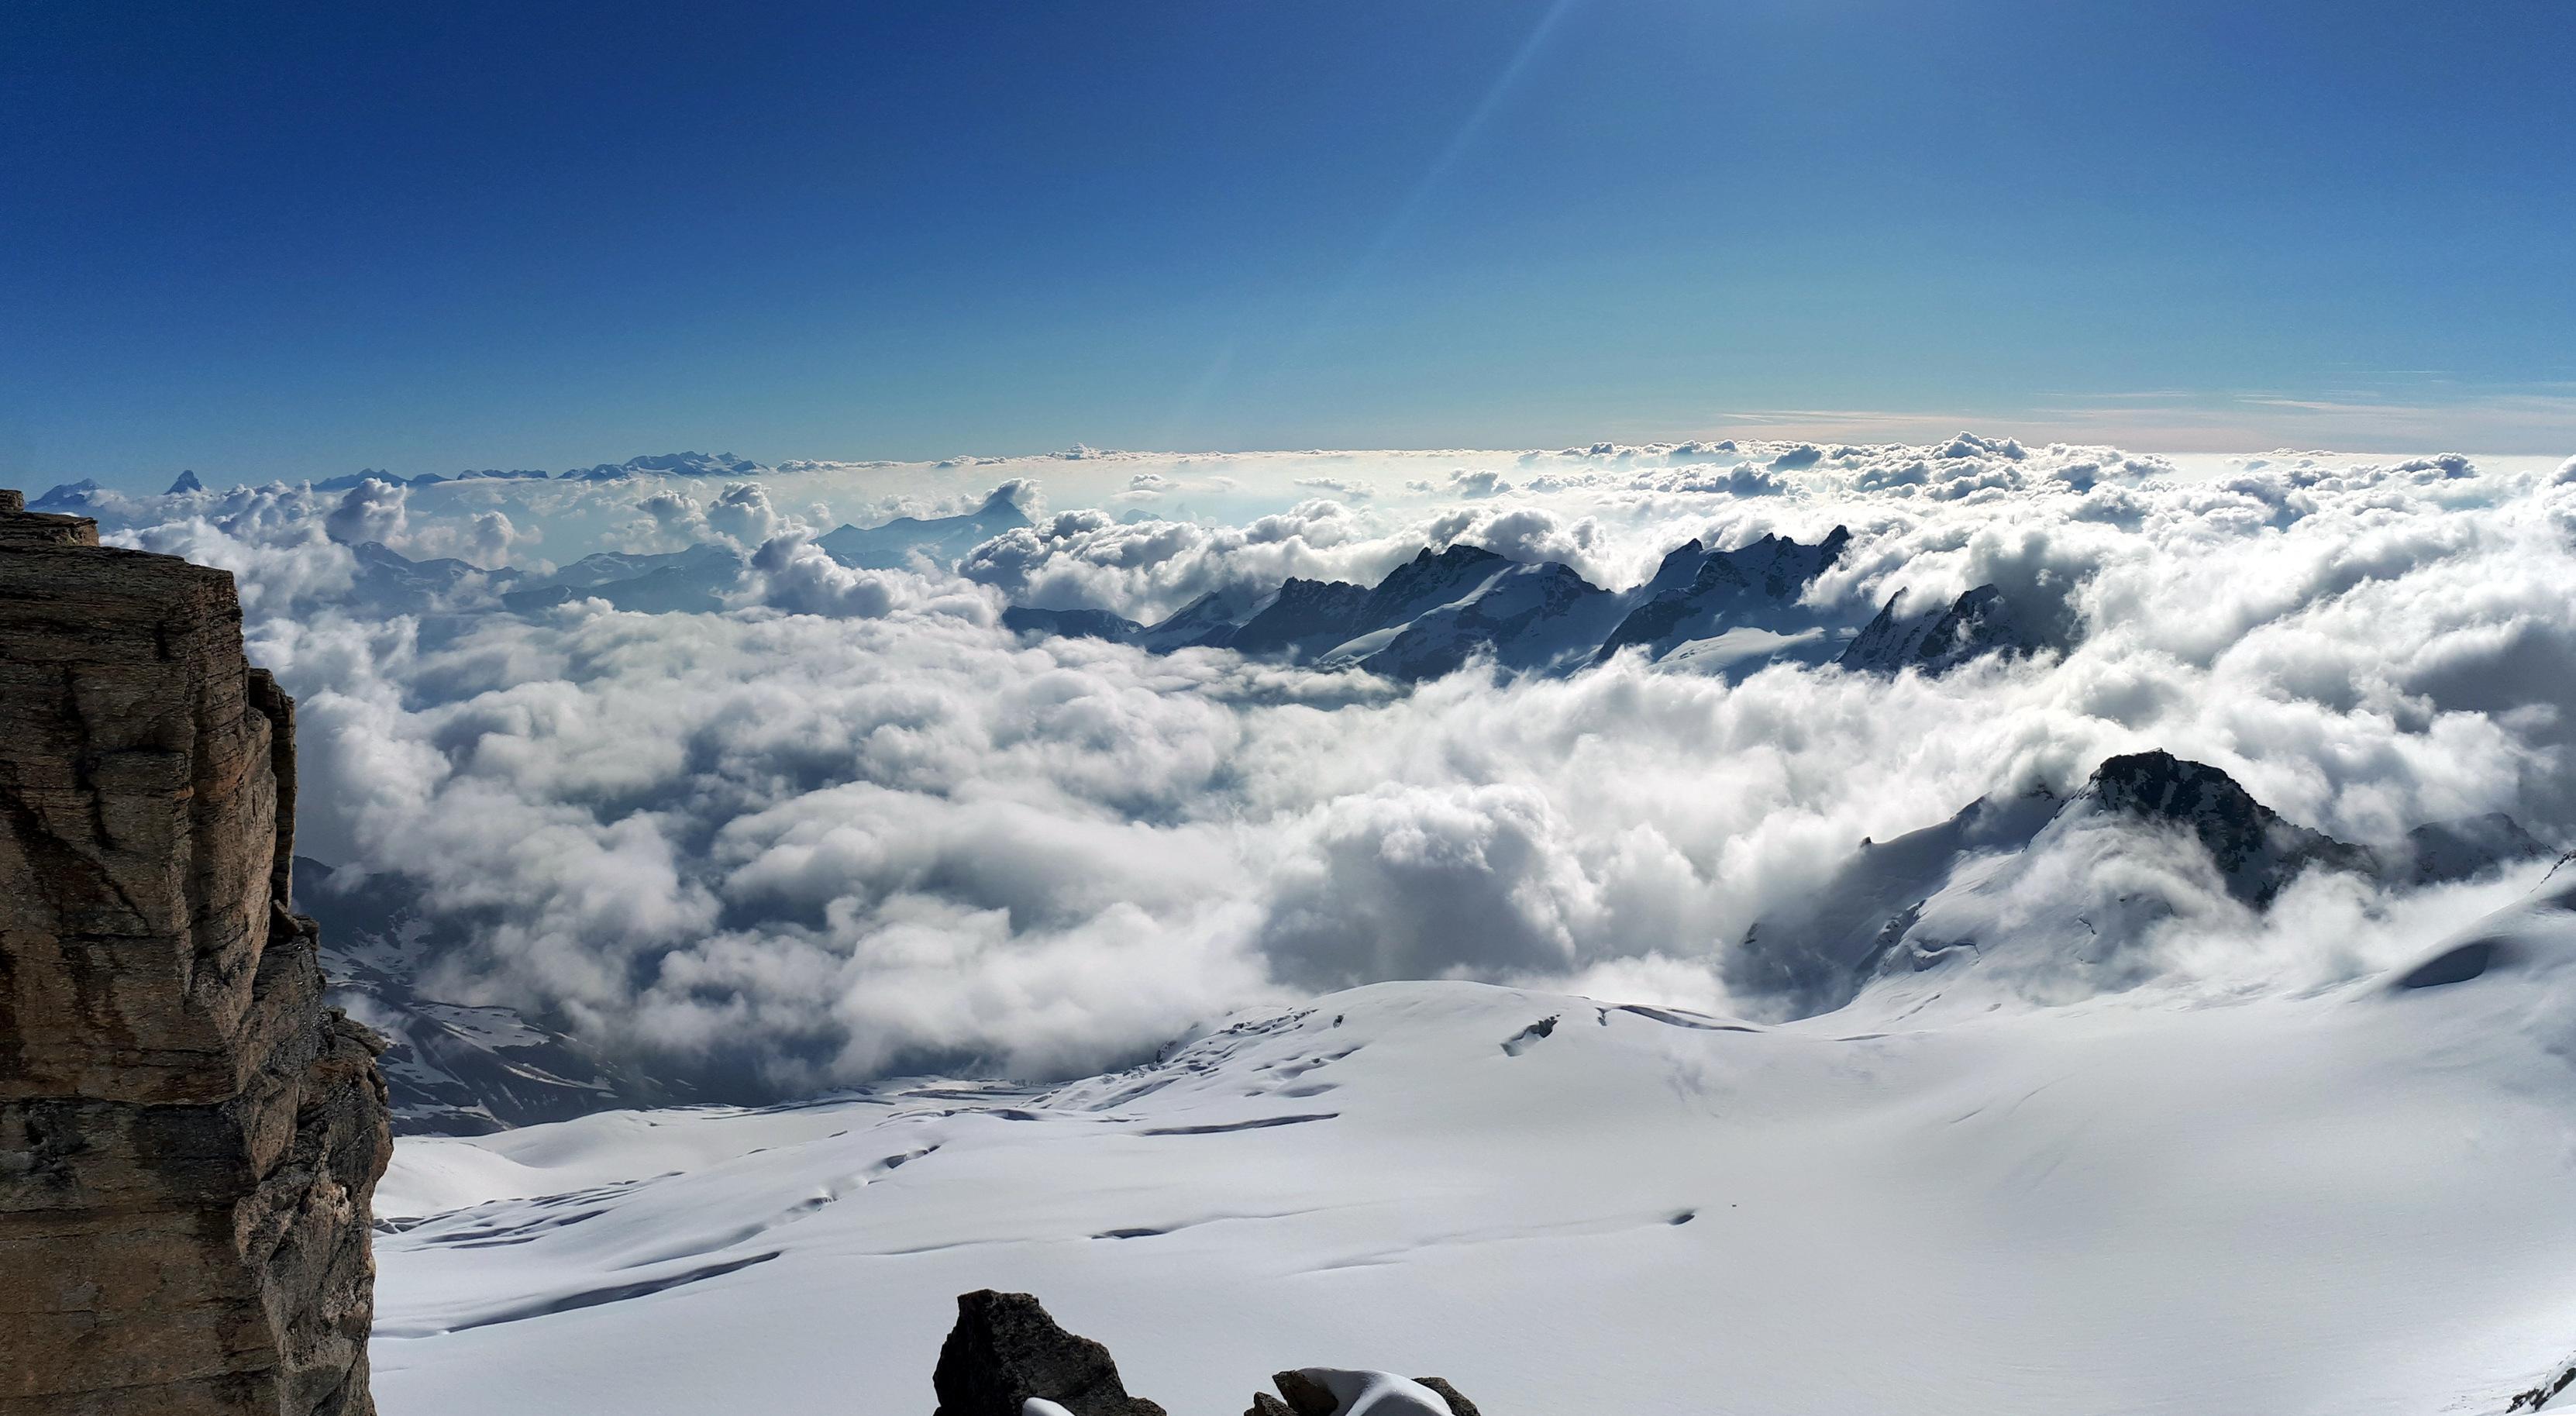 dopo il colle di Montcorvè, qualche metro dalla vetta: sotto di noi un mare di nuvole!